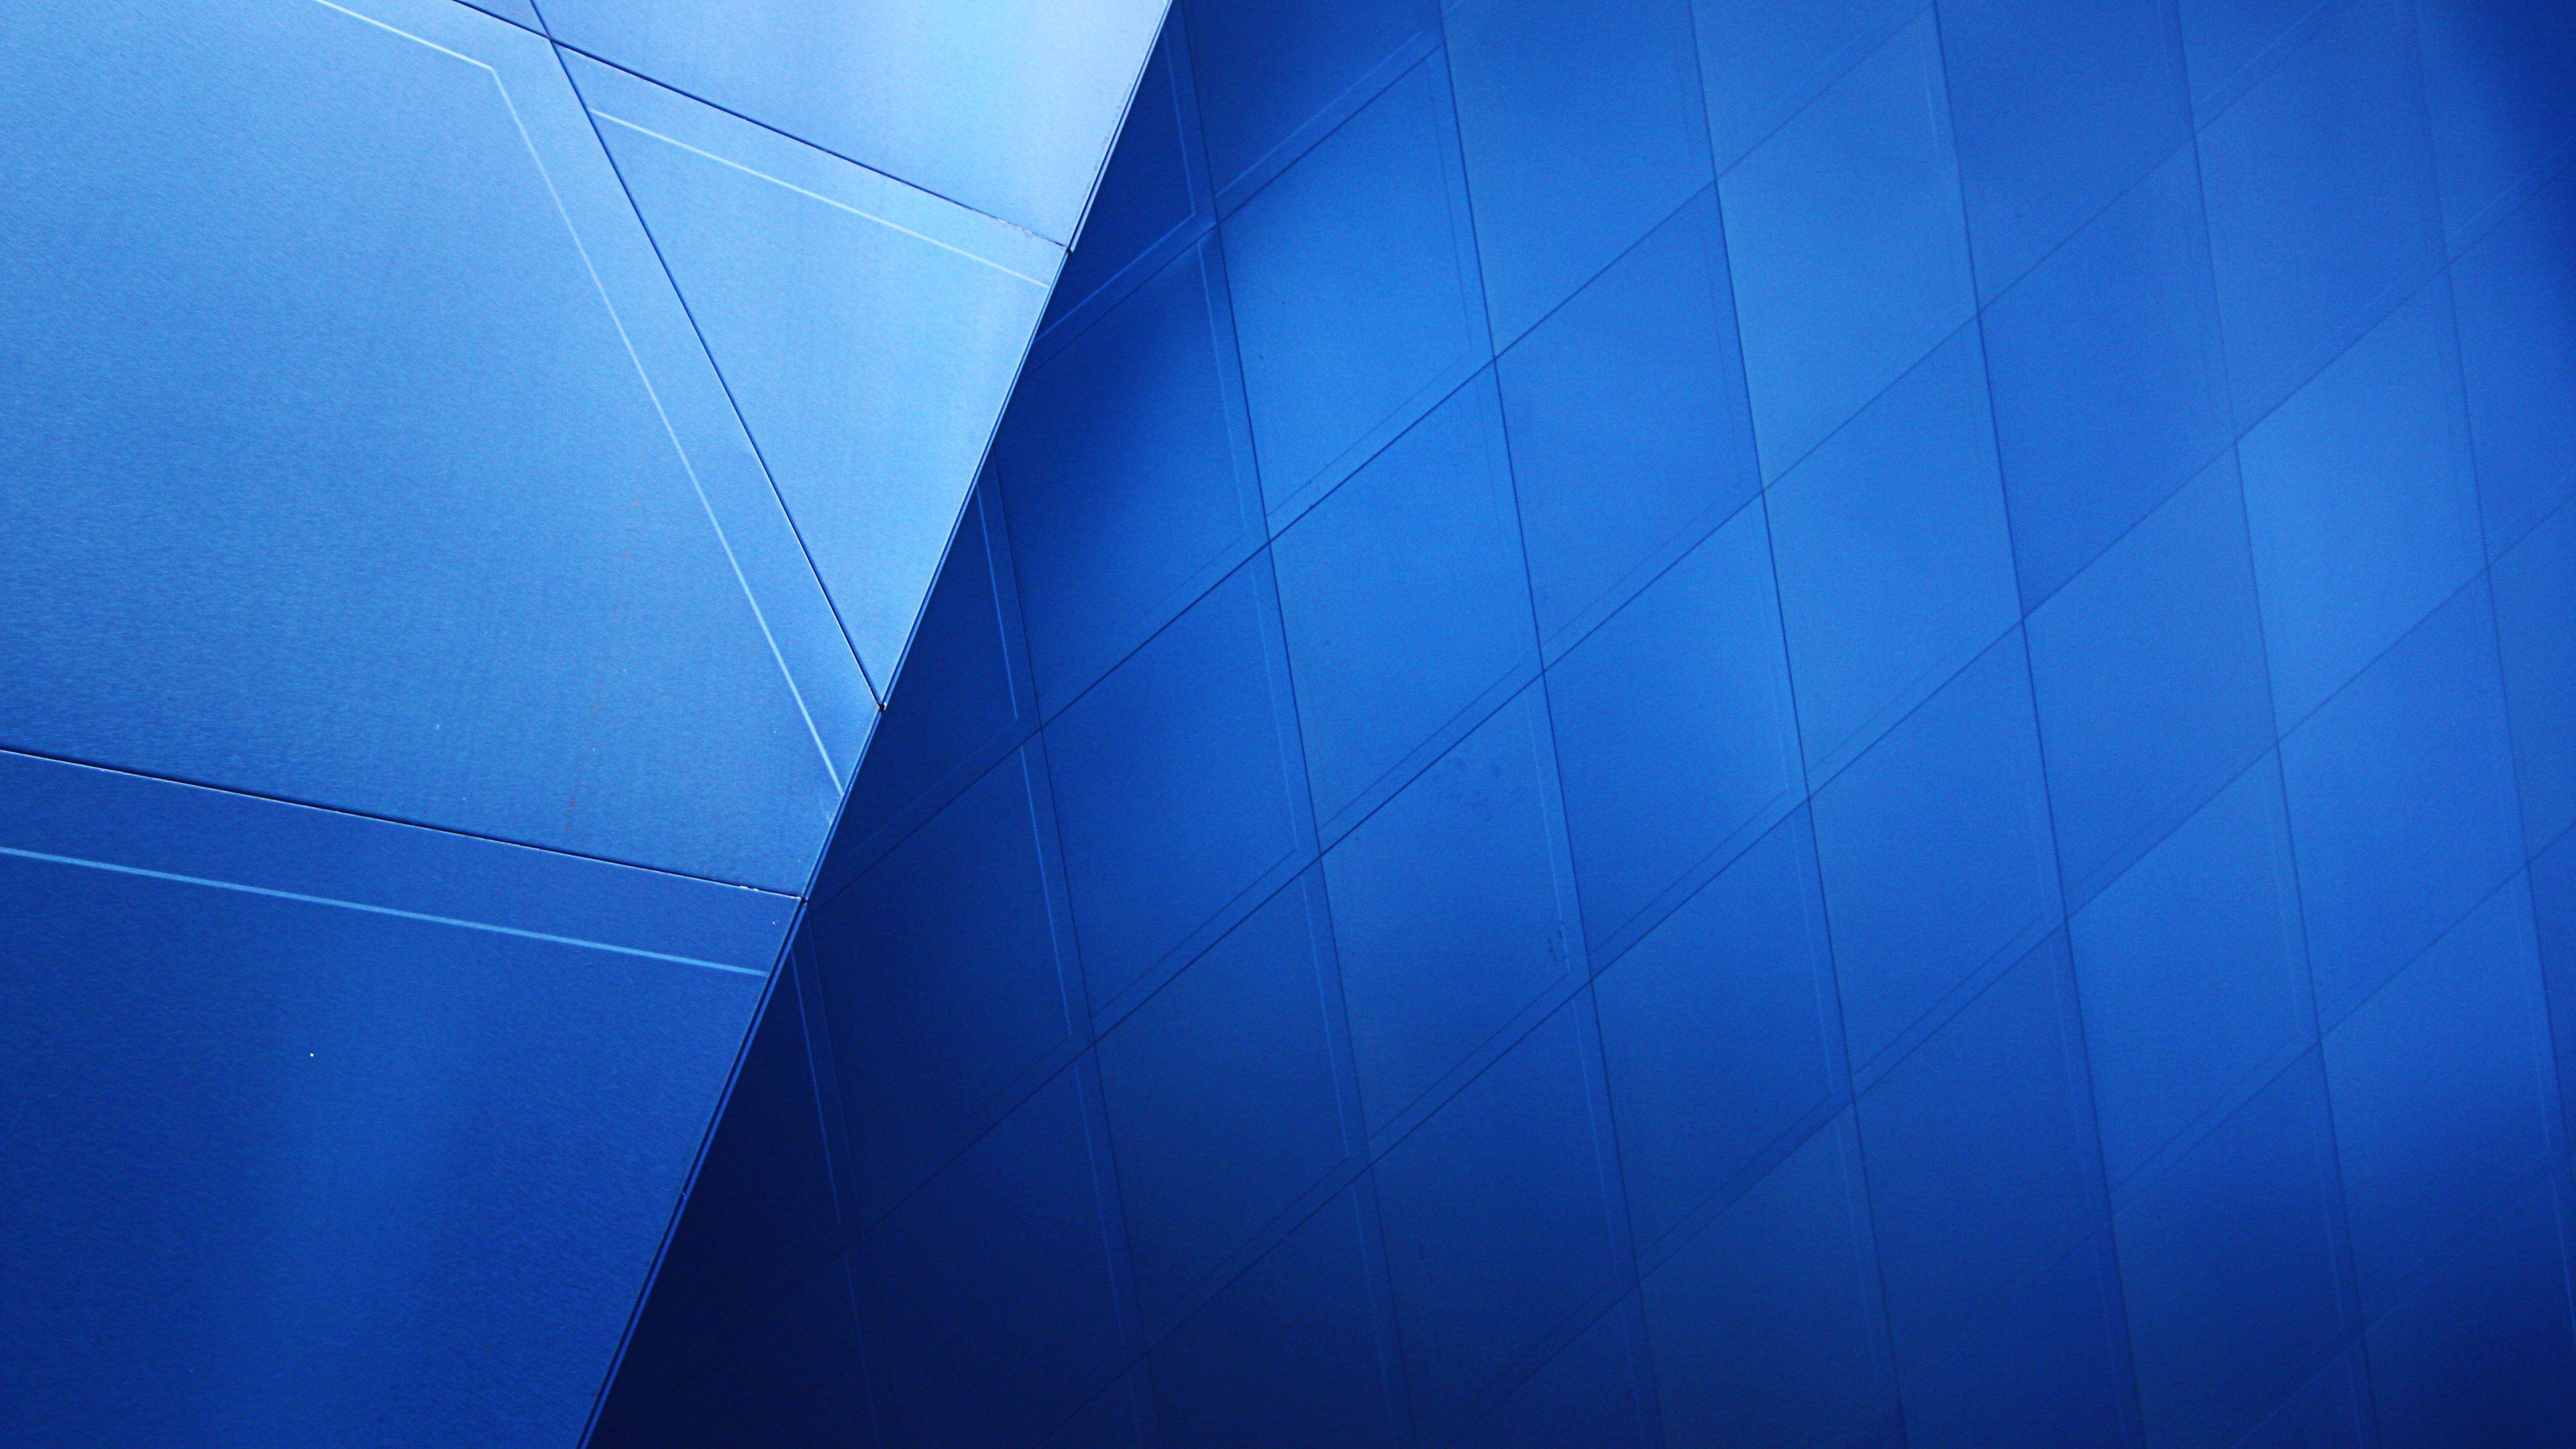 Wallpaper 4k Pattern Geometry Buildings 4k 4k wallpapers abstract 3840x2160